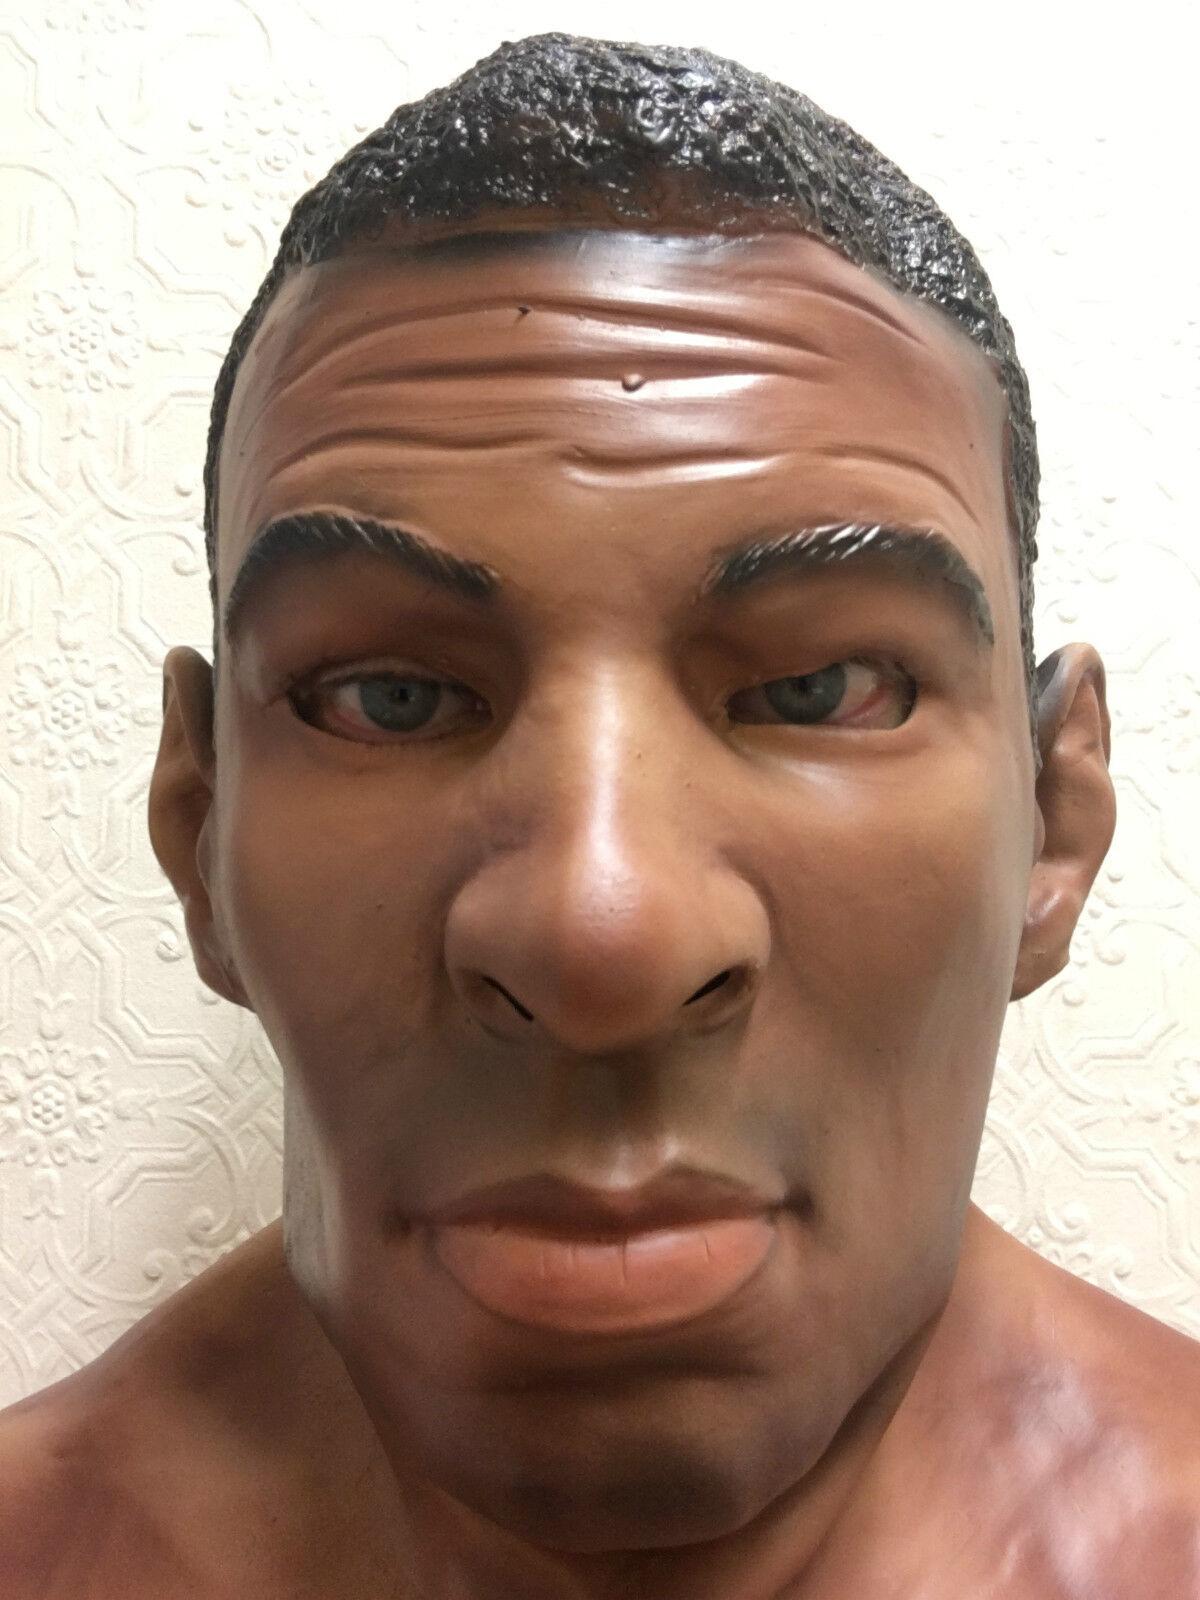 Schwarz Stecker Man Latex Maske Halloween Kostüm Masken Boxer Ali